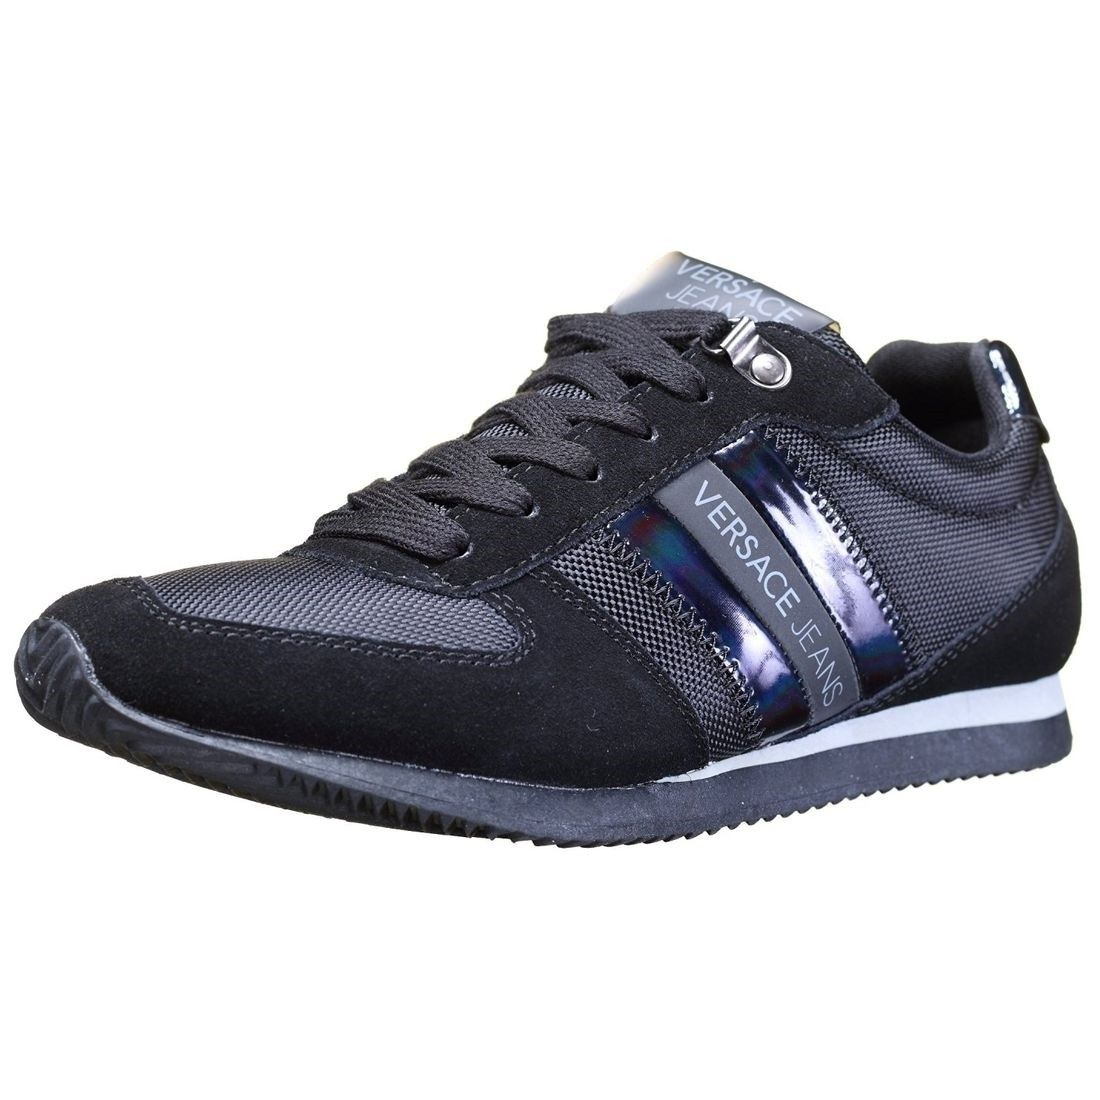 vaste gamme de sur des coups de pieds de style de mode e0yobsa1 homme versace jeans e0yobsa1 | Sneakers homme ...